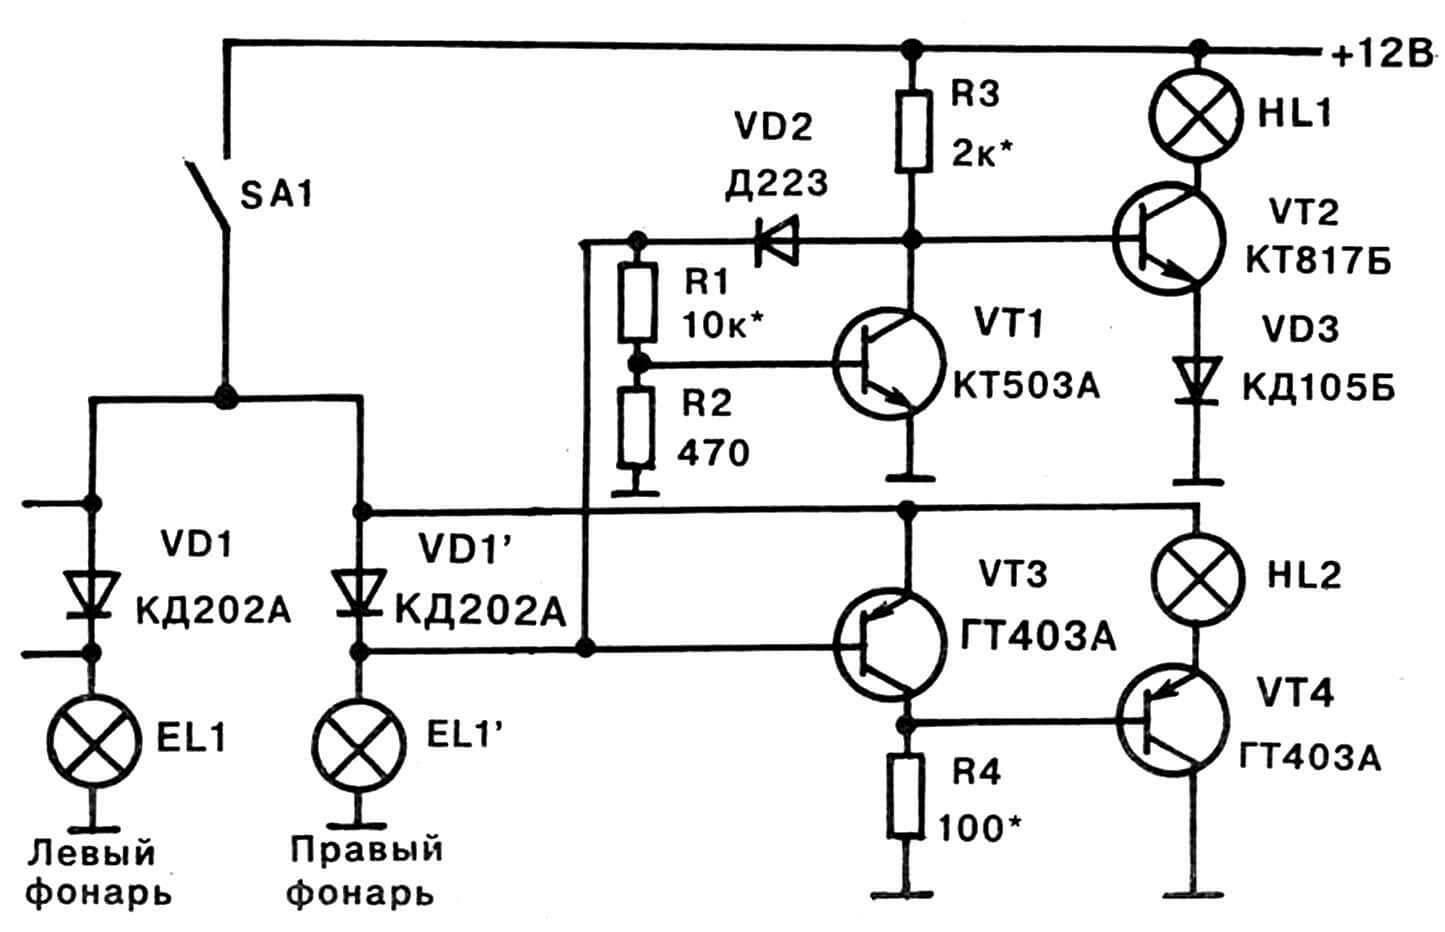 Принципиальная электрическая схема устройства контроля стоп-сигнала.